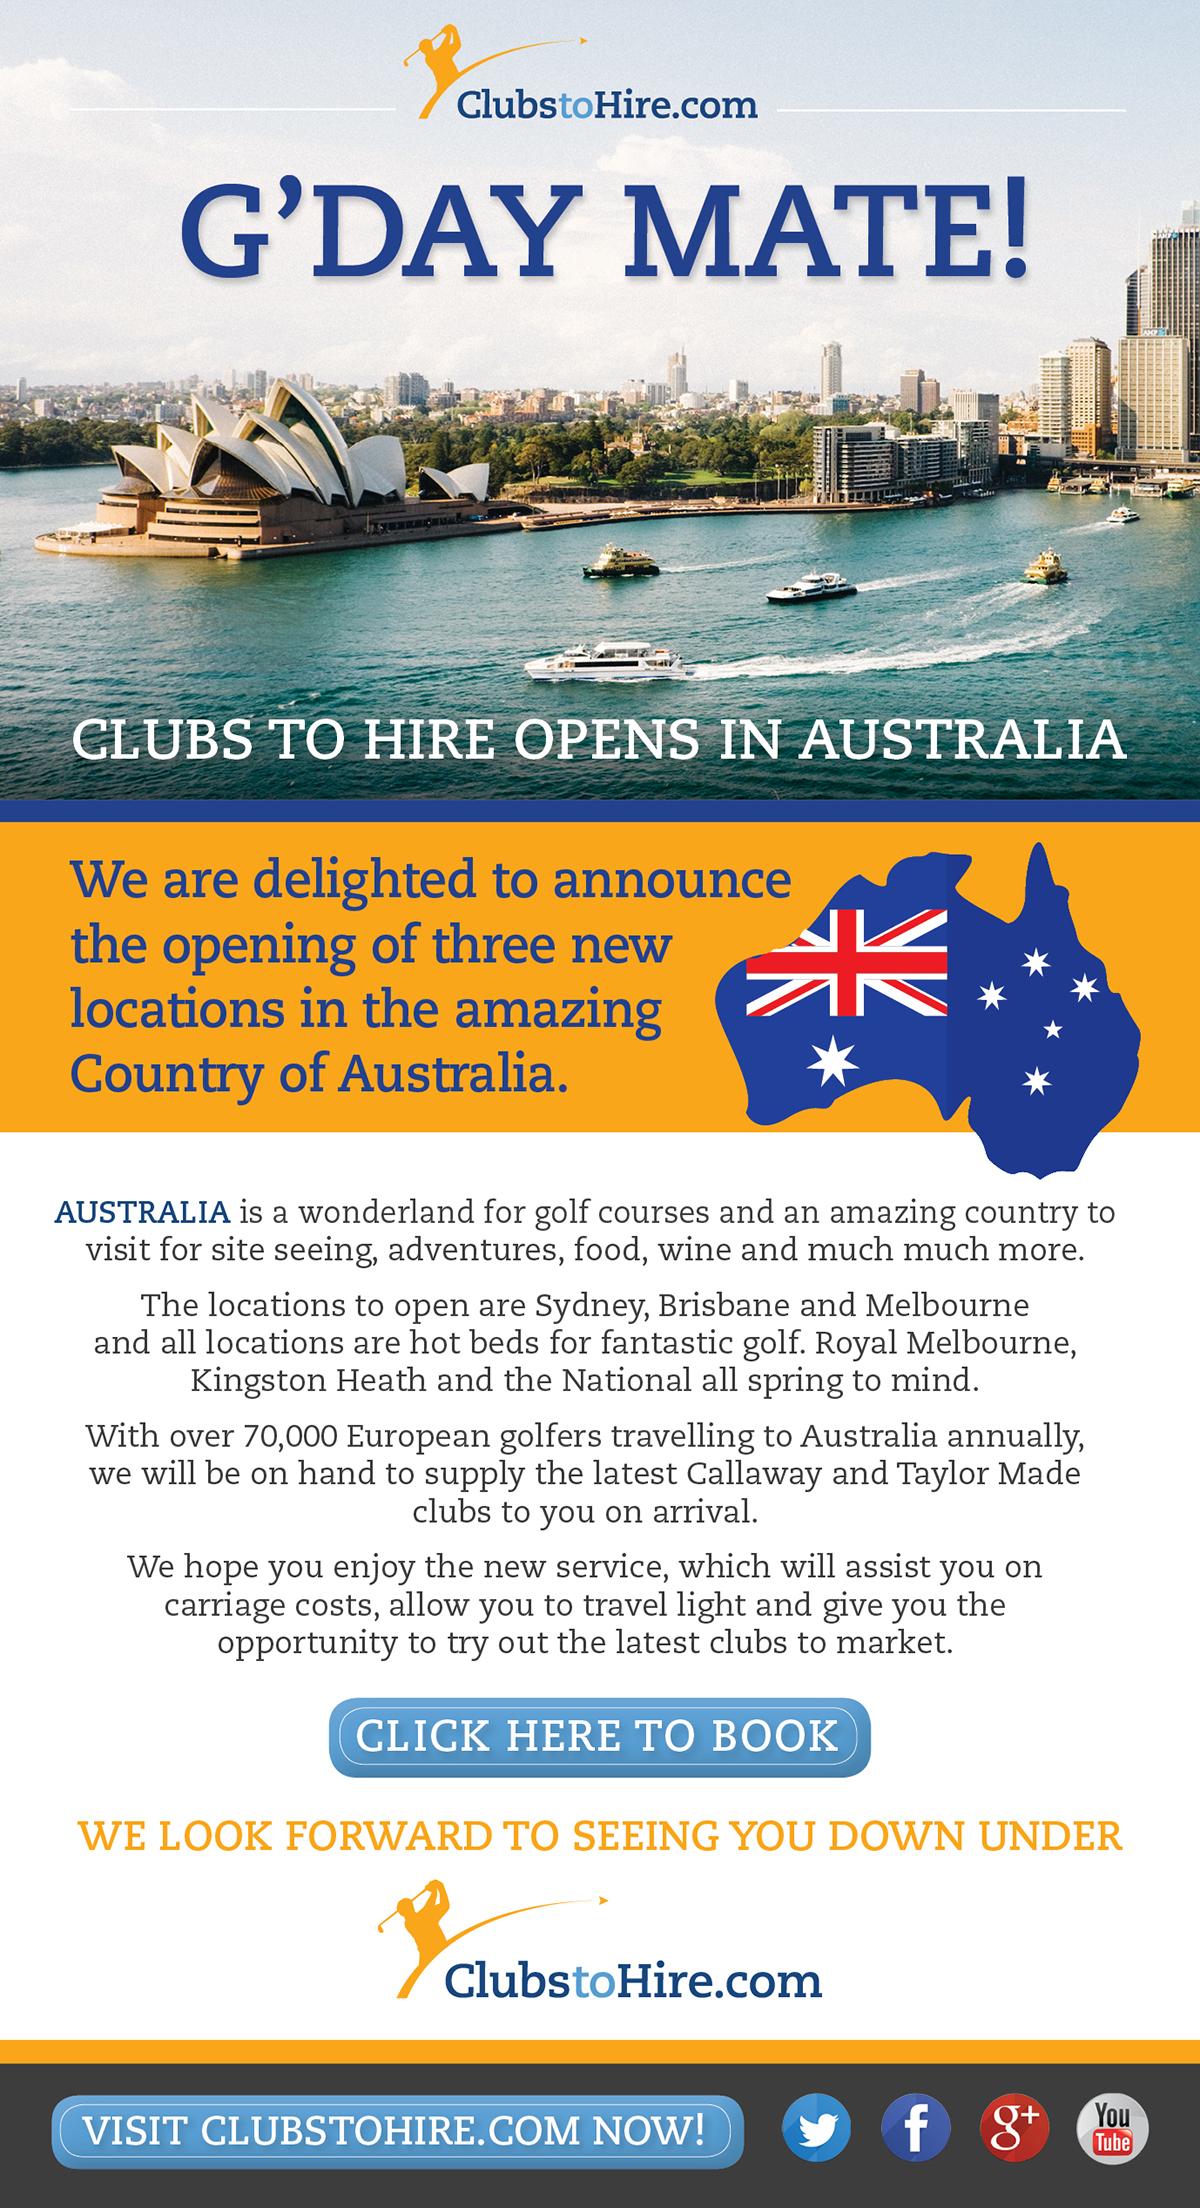 ClubstoHire open in Australia!